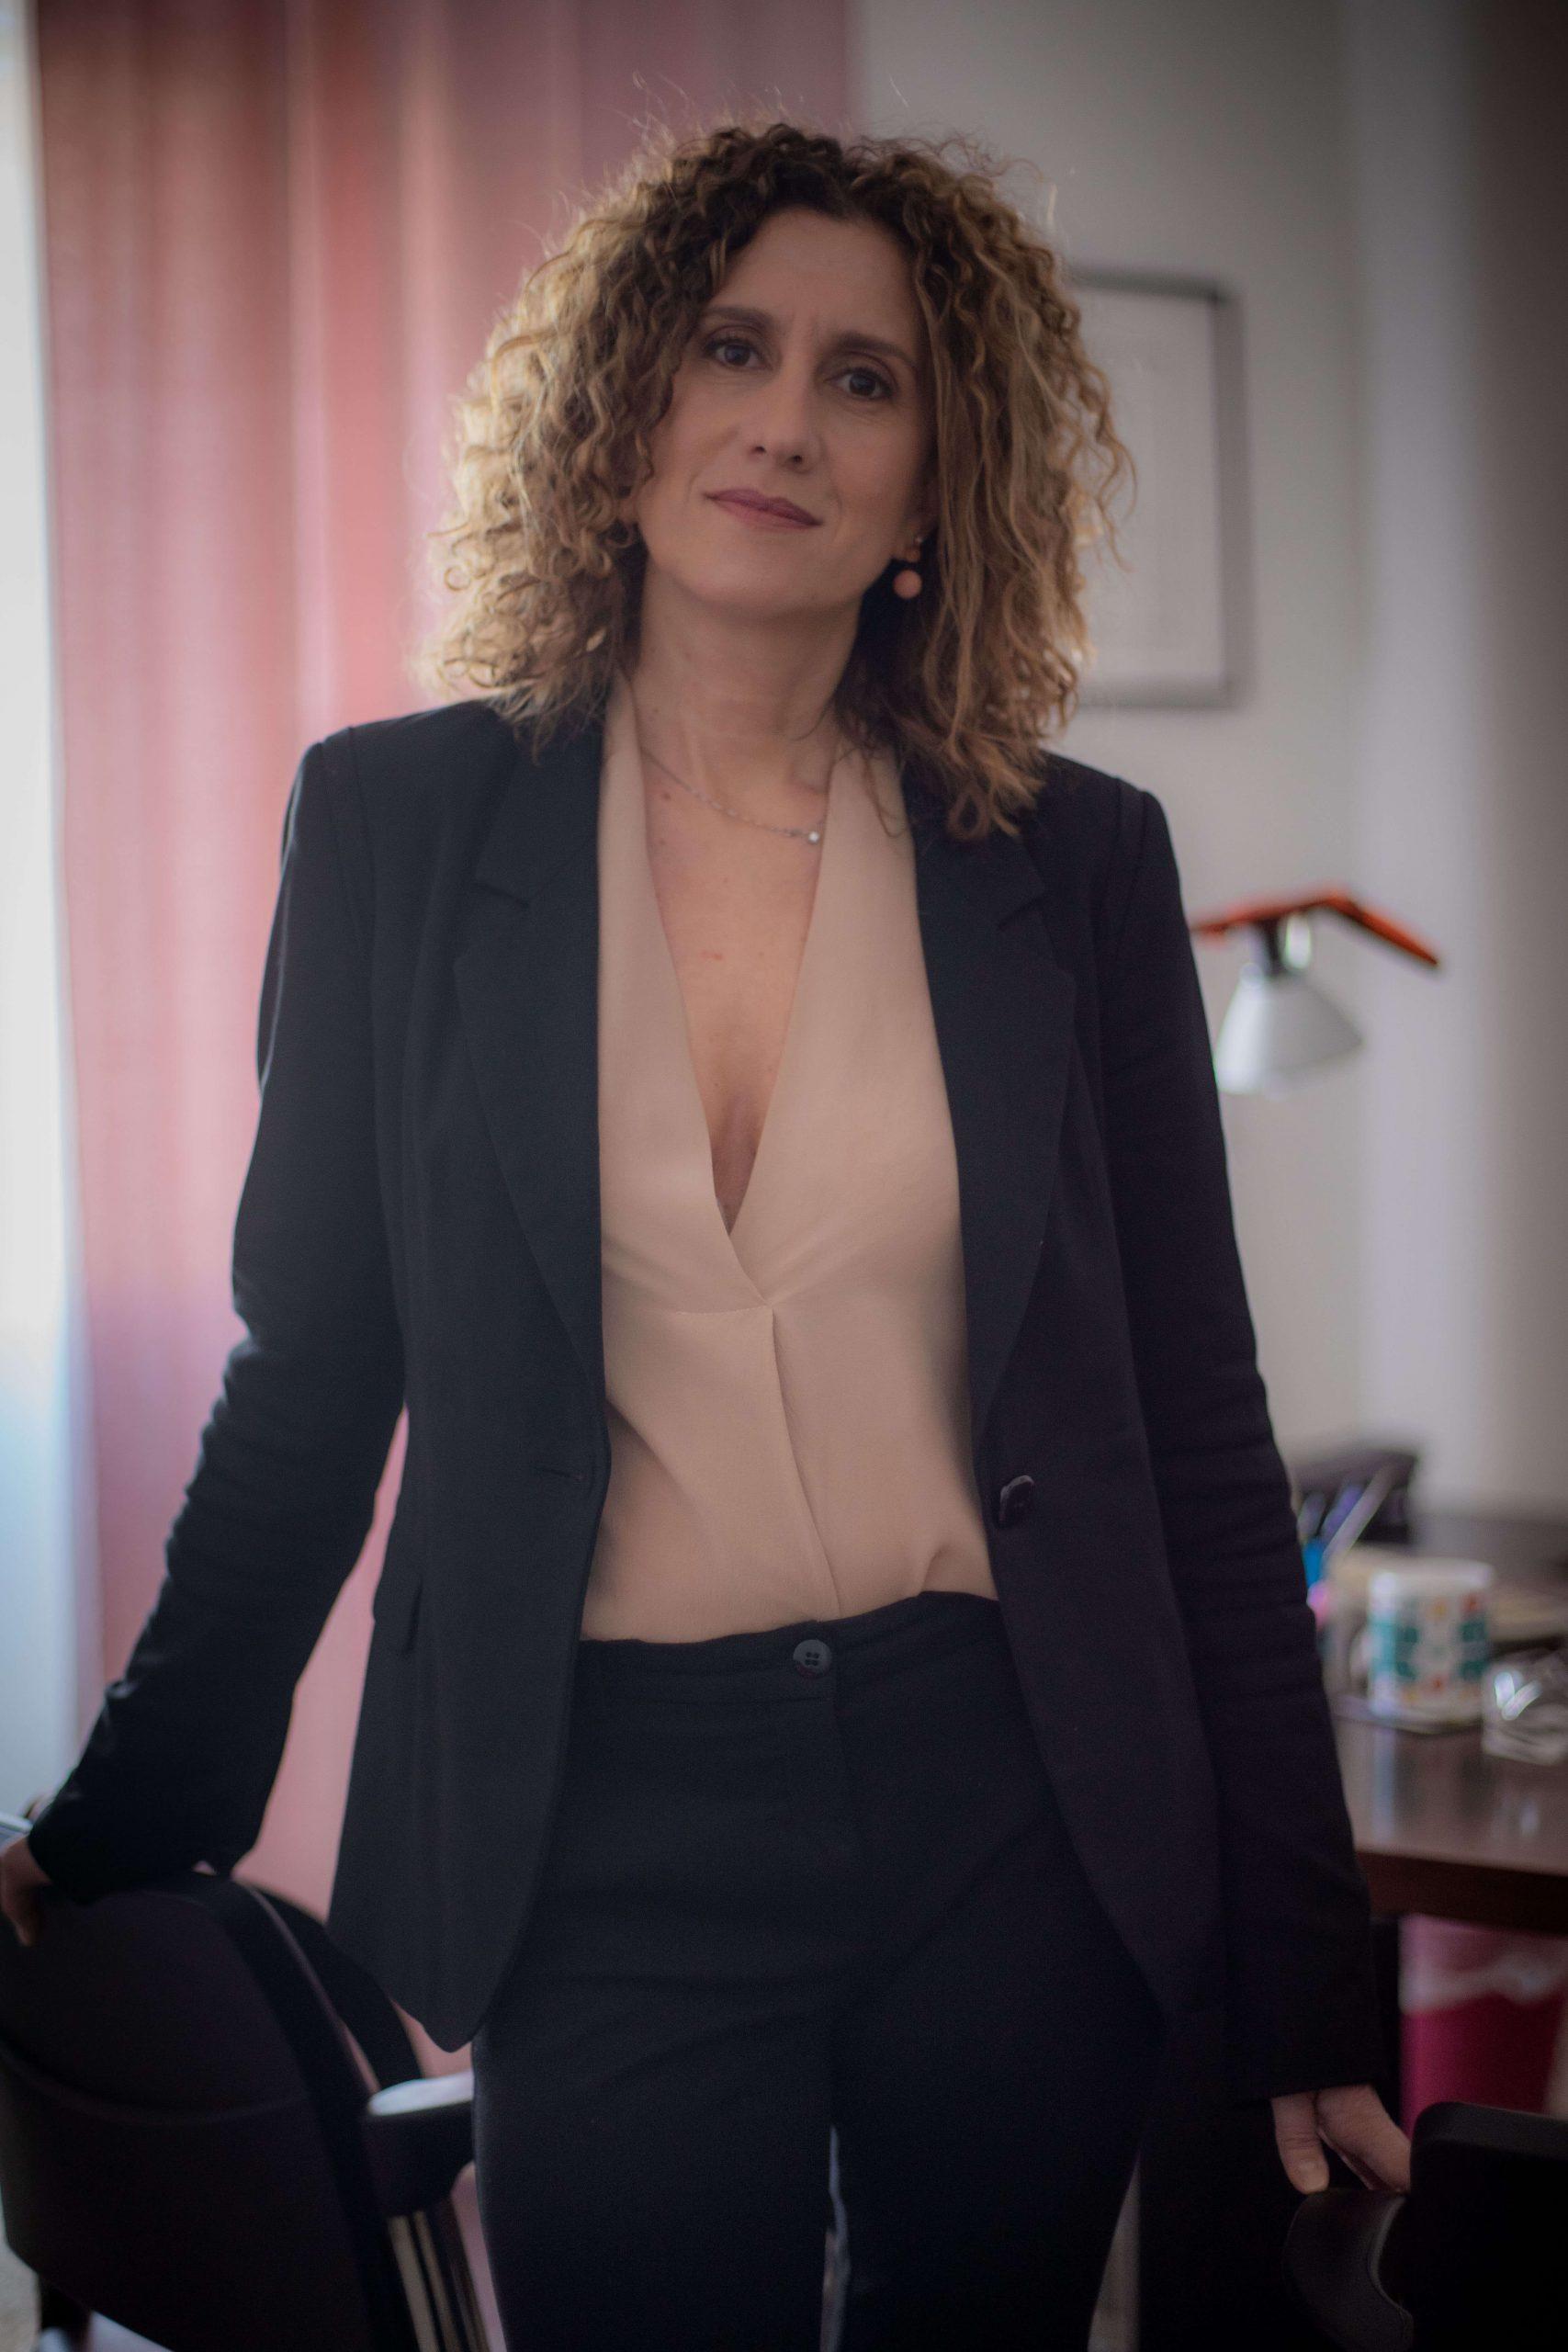 Avvocato Francesca Sbriccoli